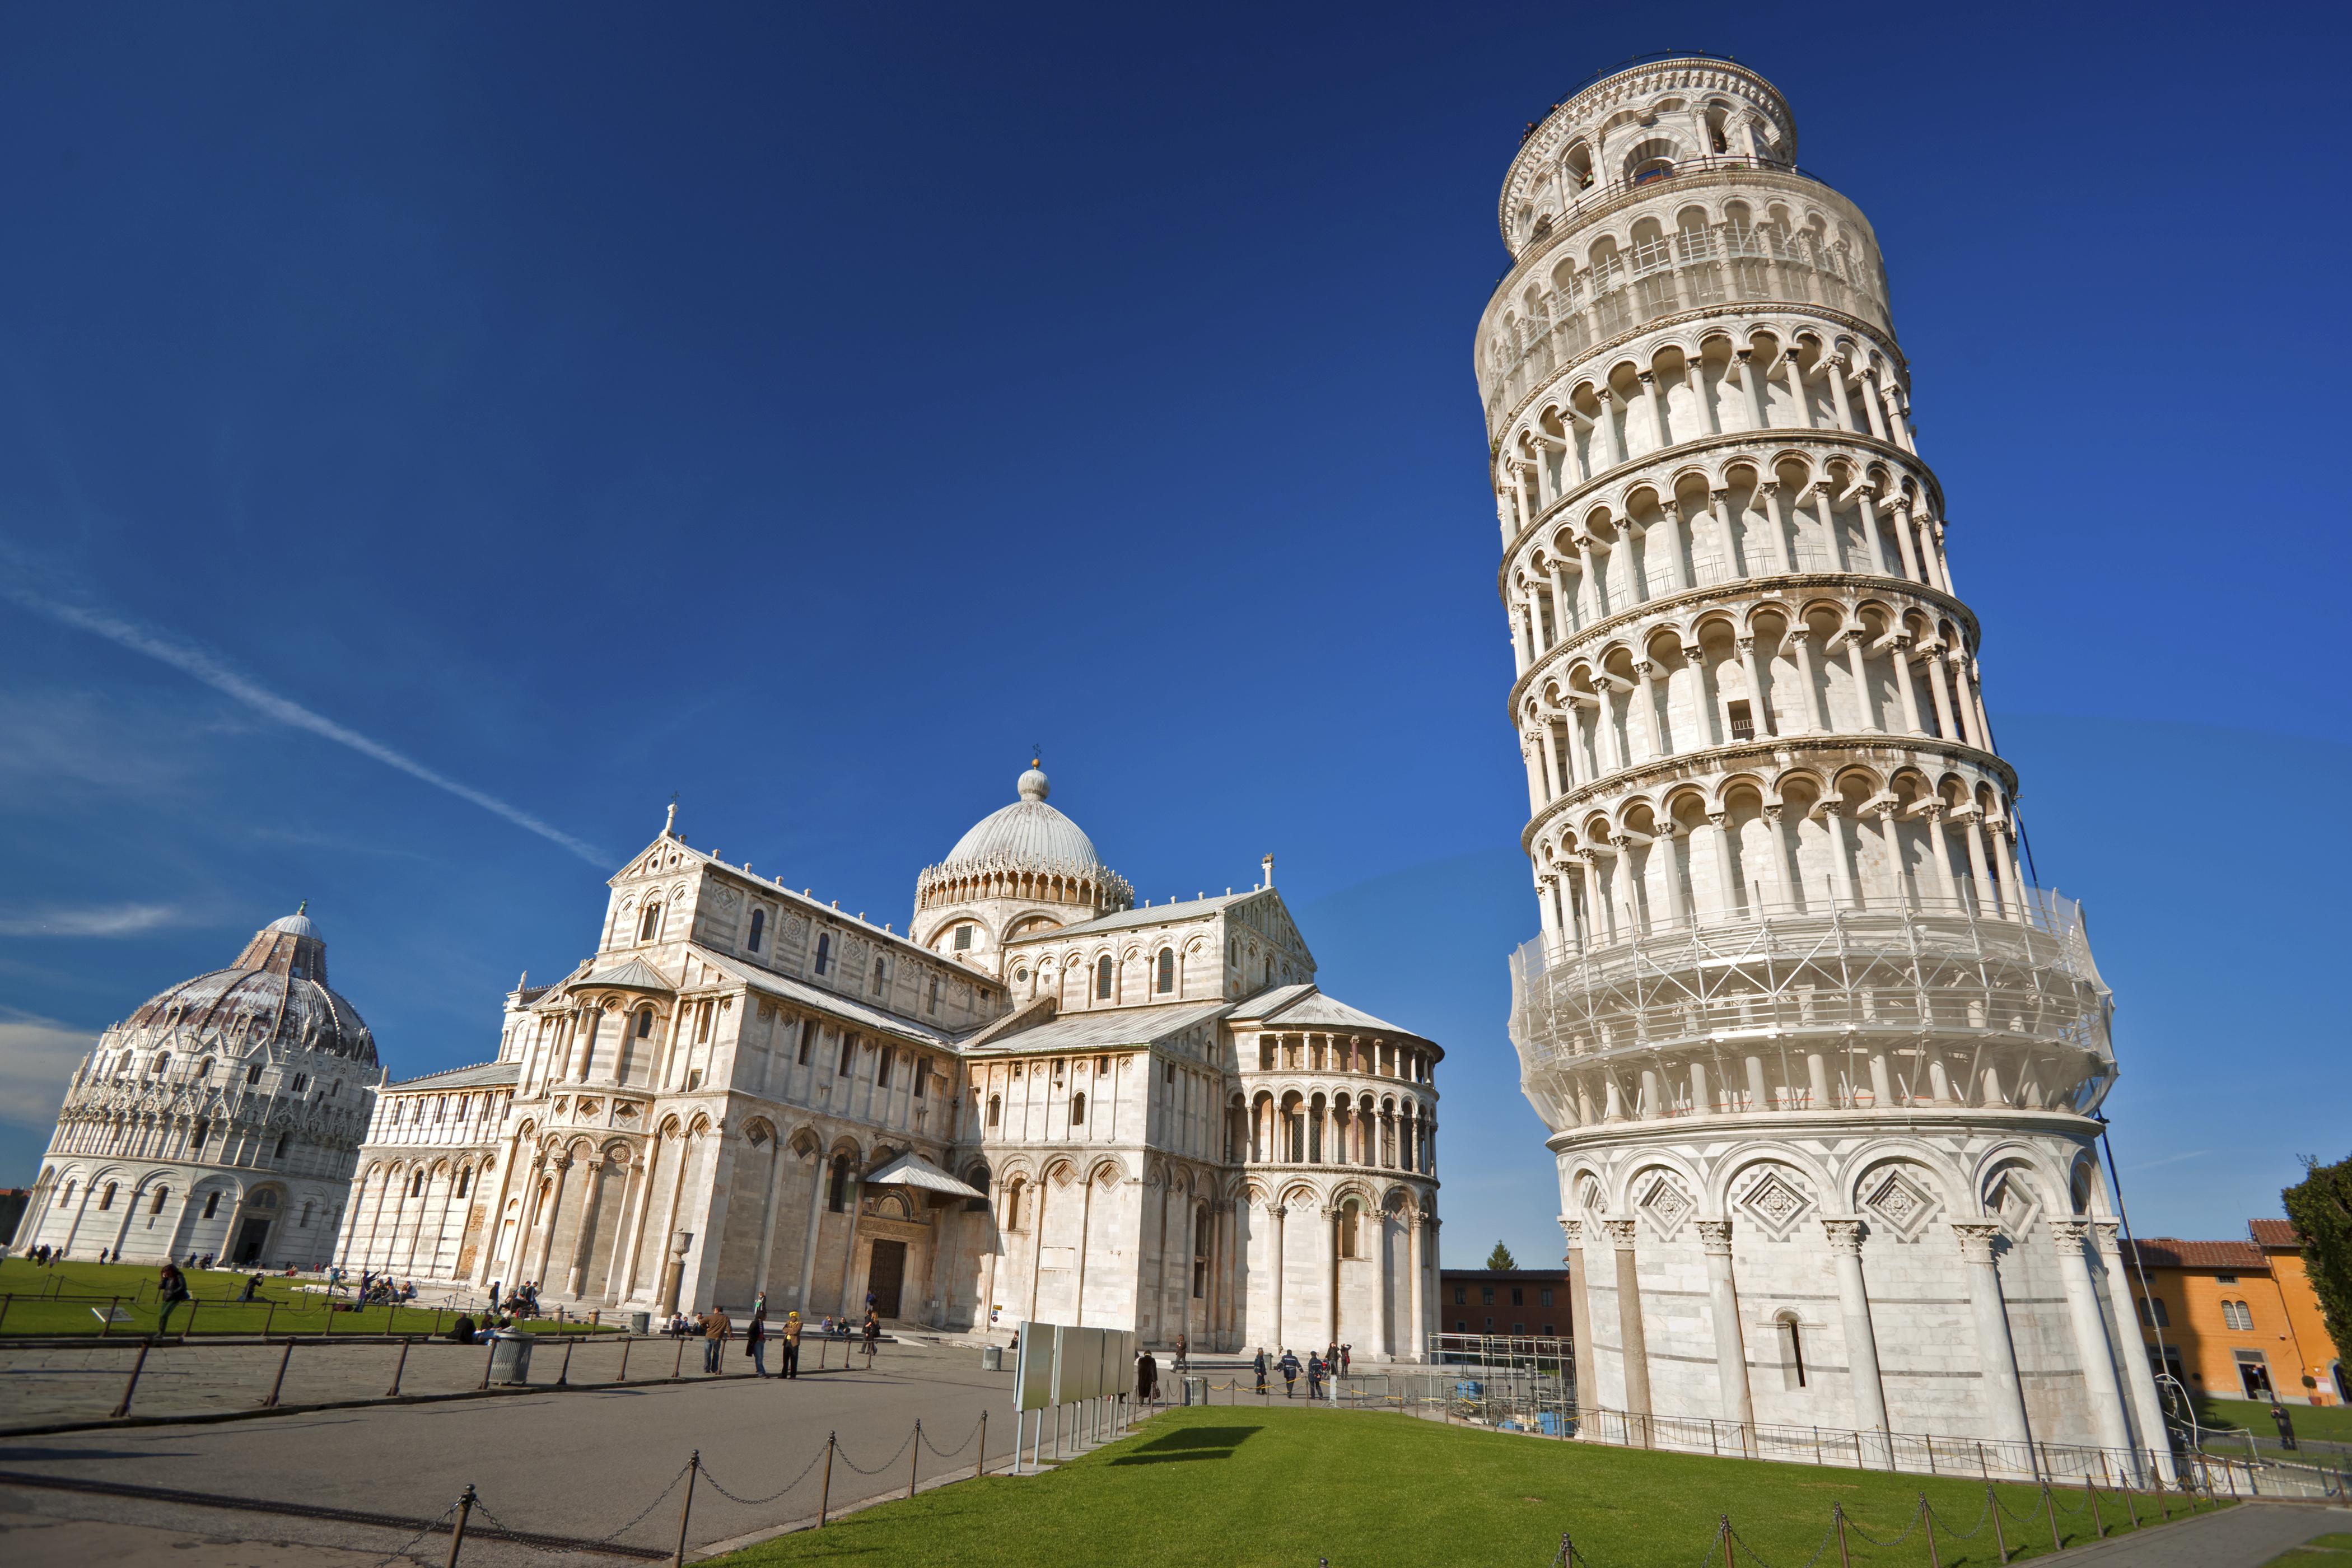 Pisa, dieci cose gratuite da fare e vedere in città